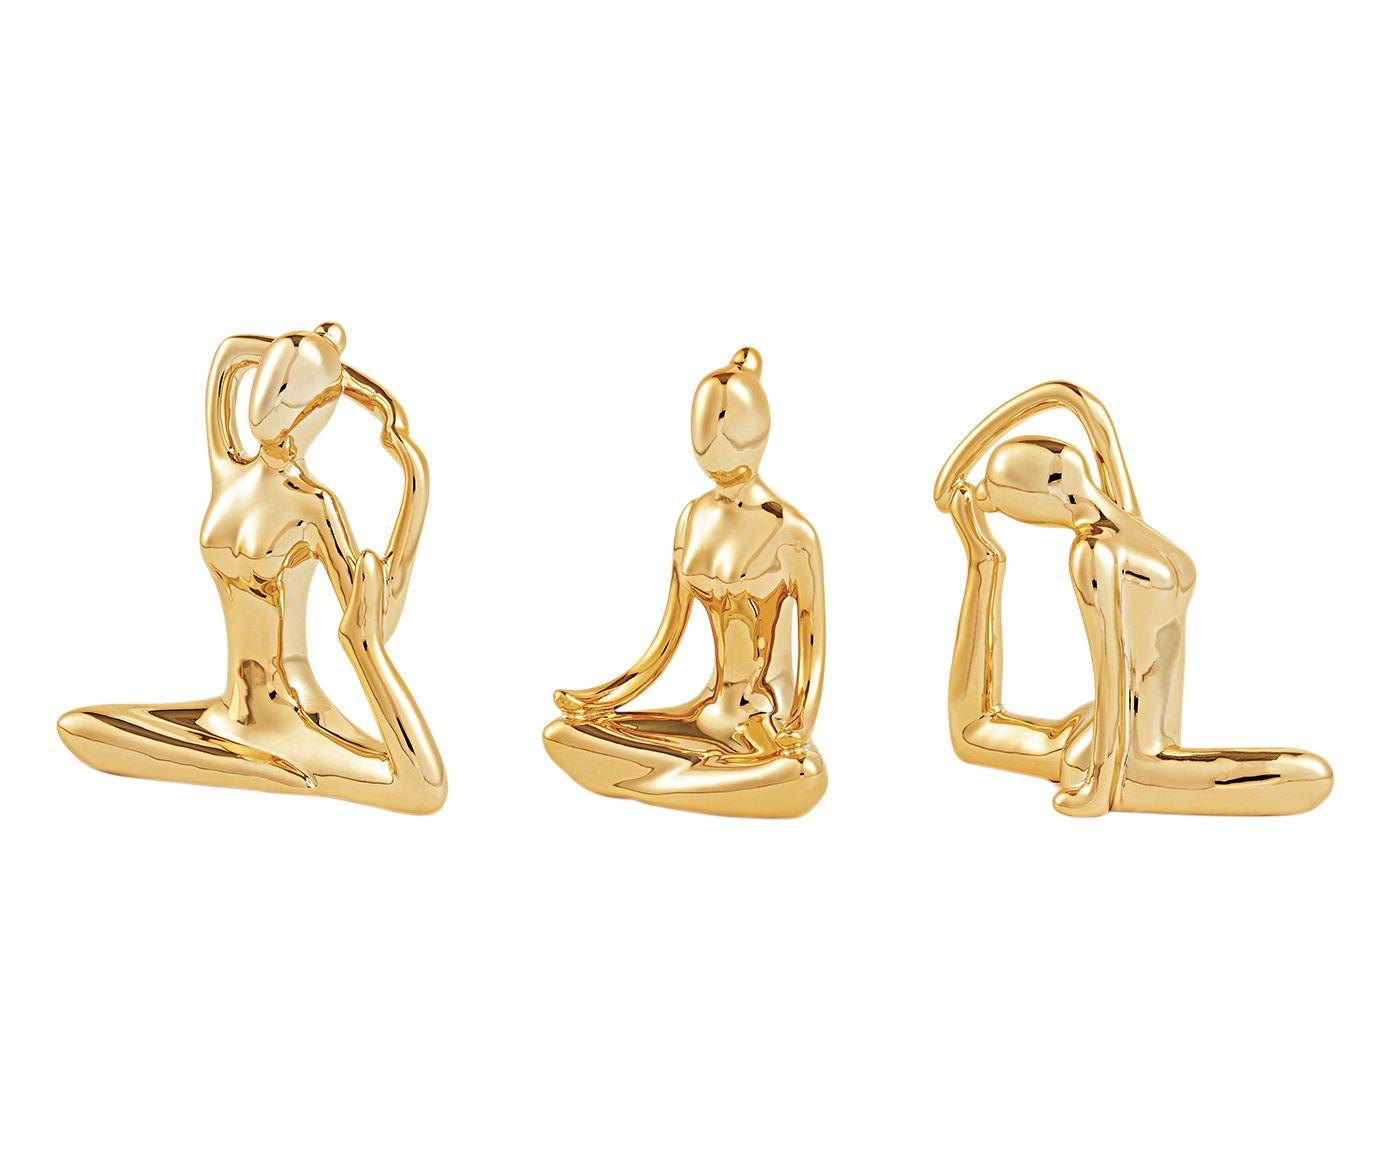 Jogo de Adornos em Porcelana Yoga Dourado   Westwing.com.br